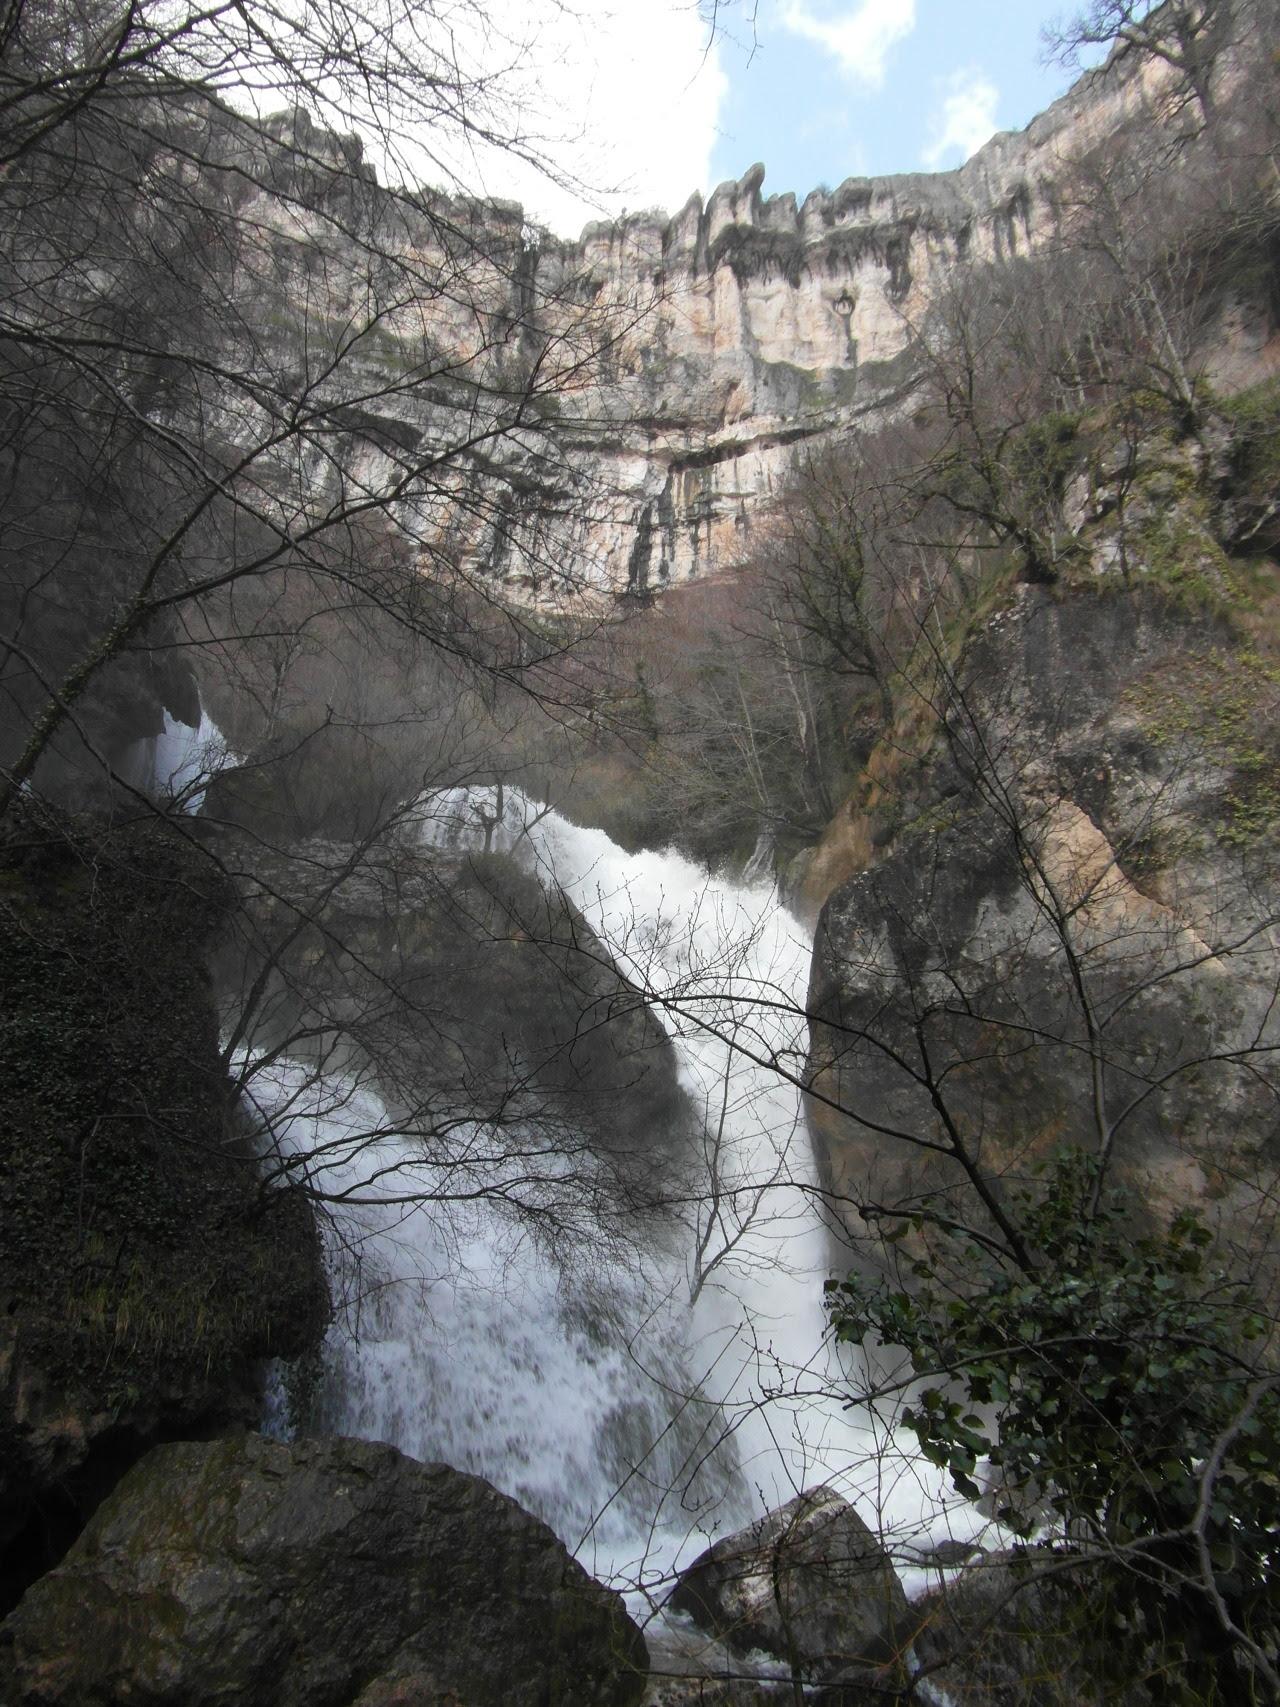 """""""La altura de la Cascada del Elefante es de unos 30 metros"""". Se inicia  a la salida de la presa  y desciende  casi verticalmente por una zona rodeada de rocas hasta una poza donde hay situadas algunas rocas."""